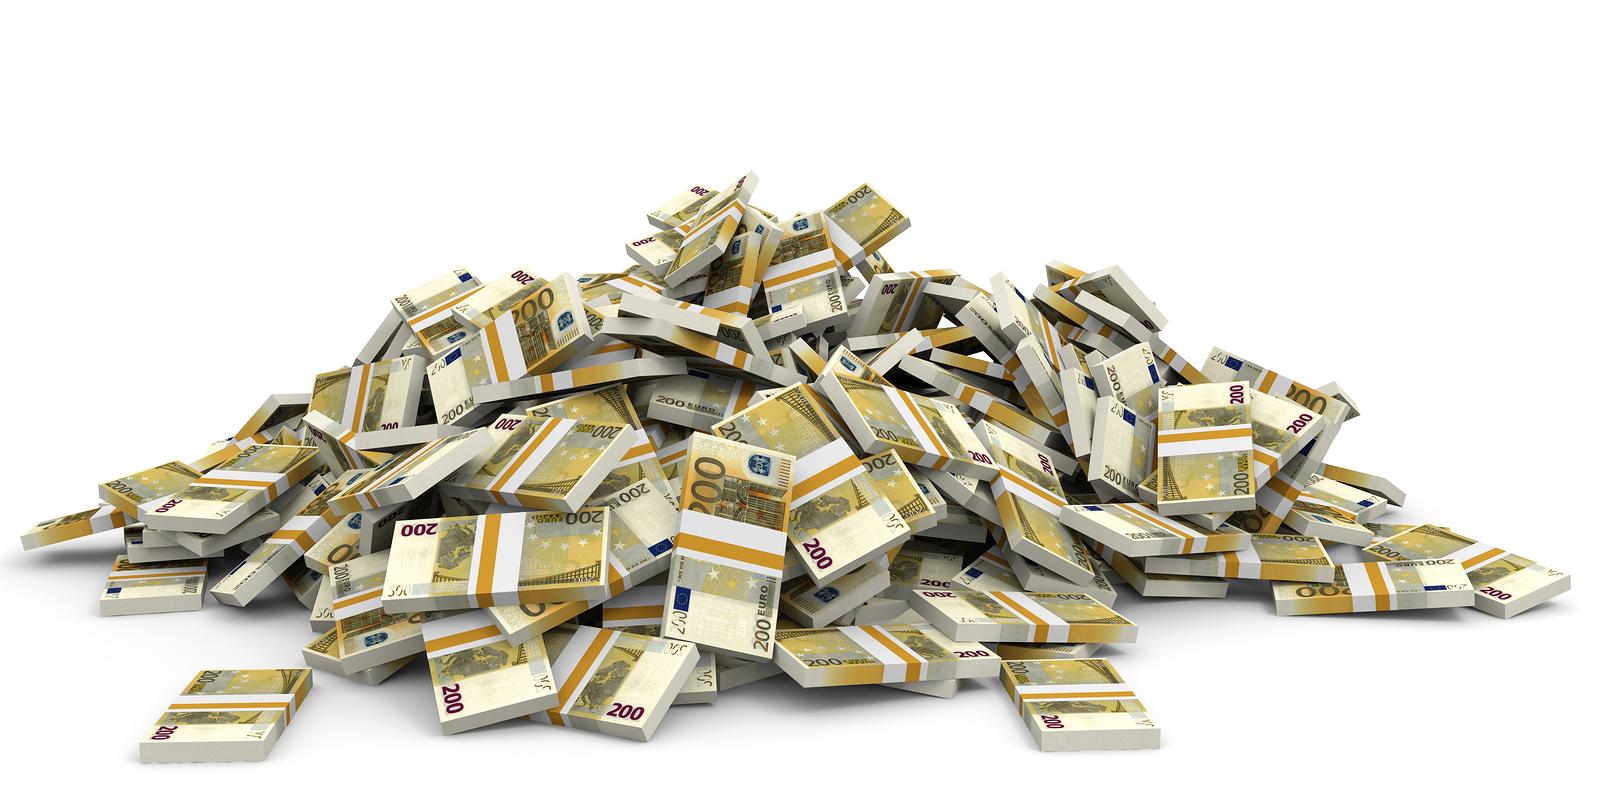 Η Σλοβενία θα εξαργυρώσει ευρωομόλογο 1,5 δισ. Ευρώ